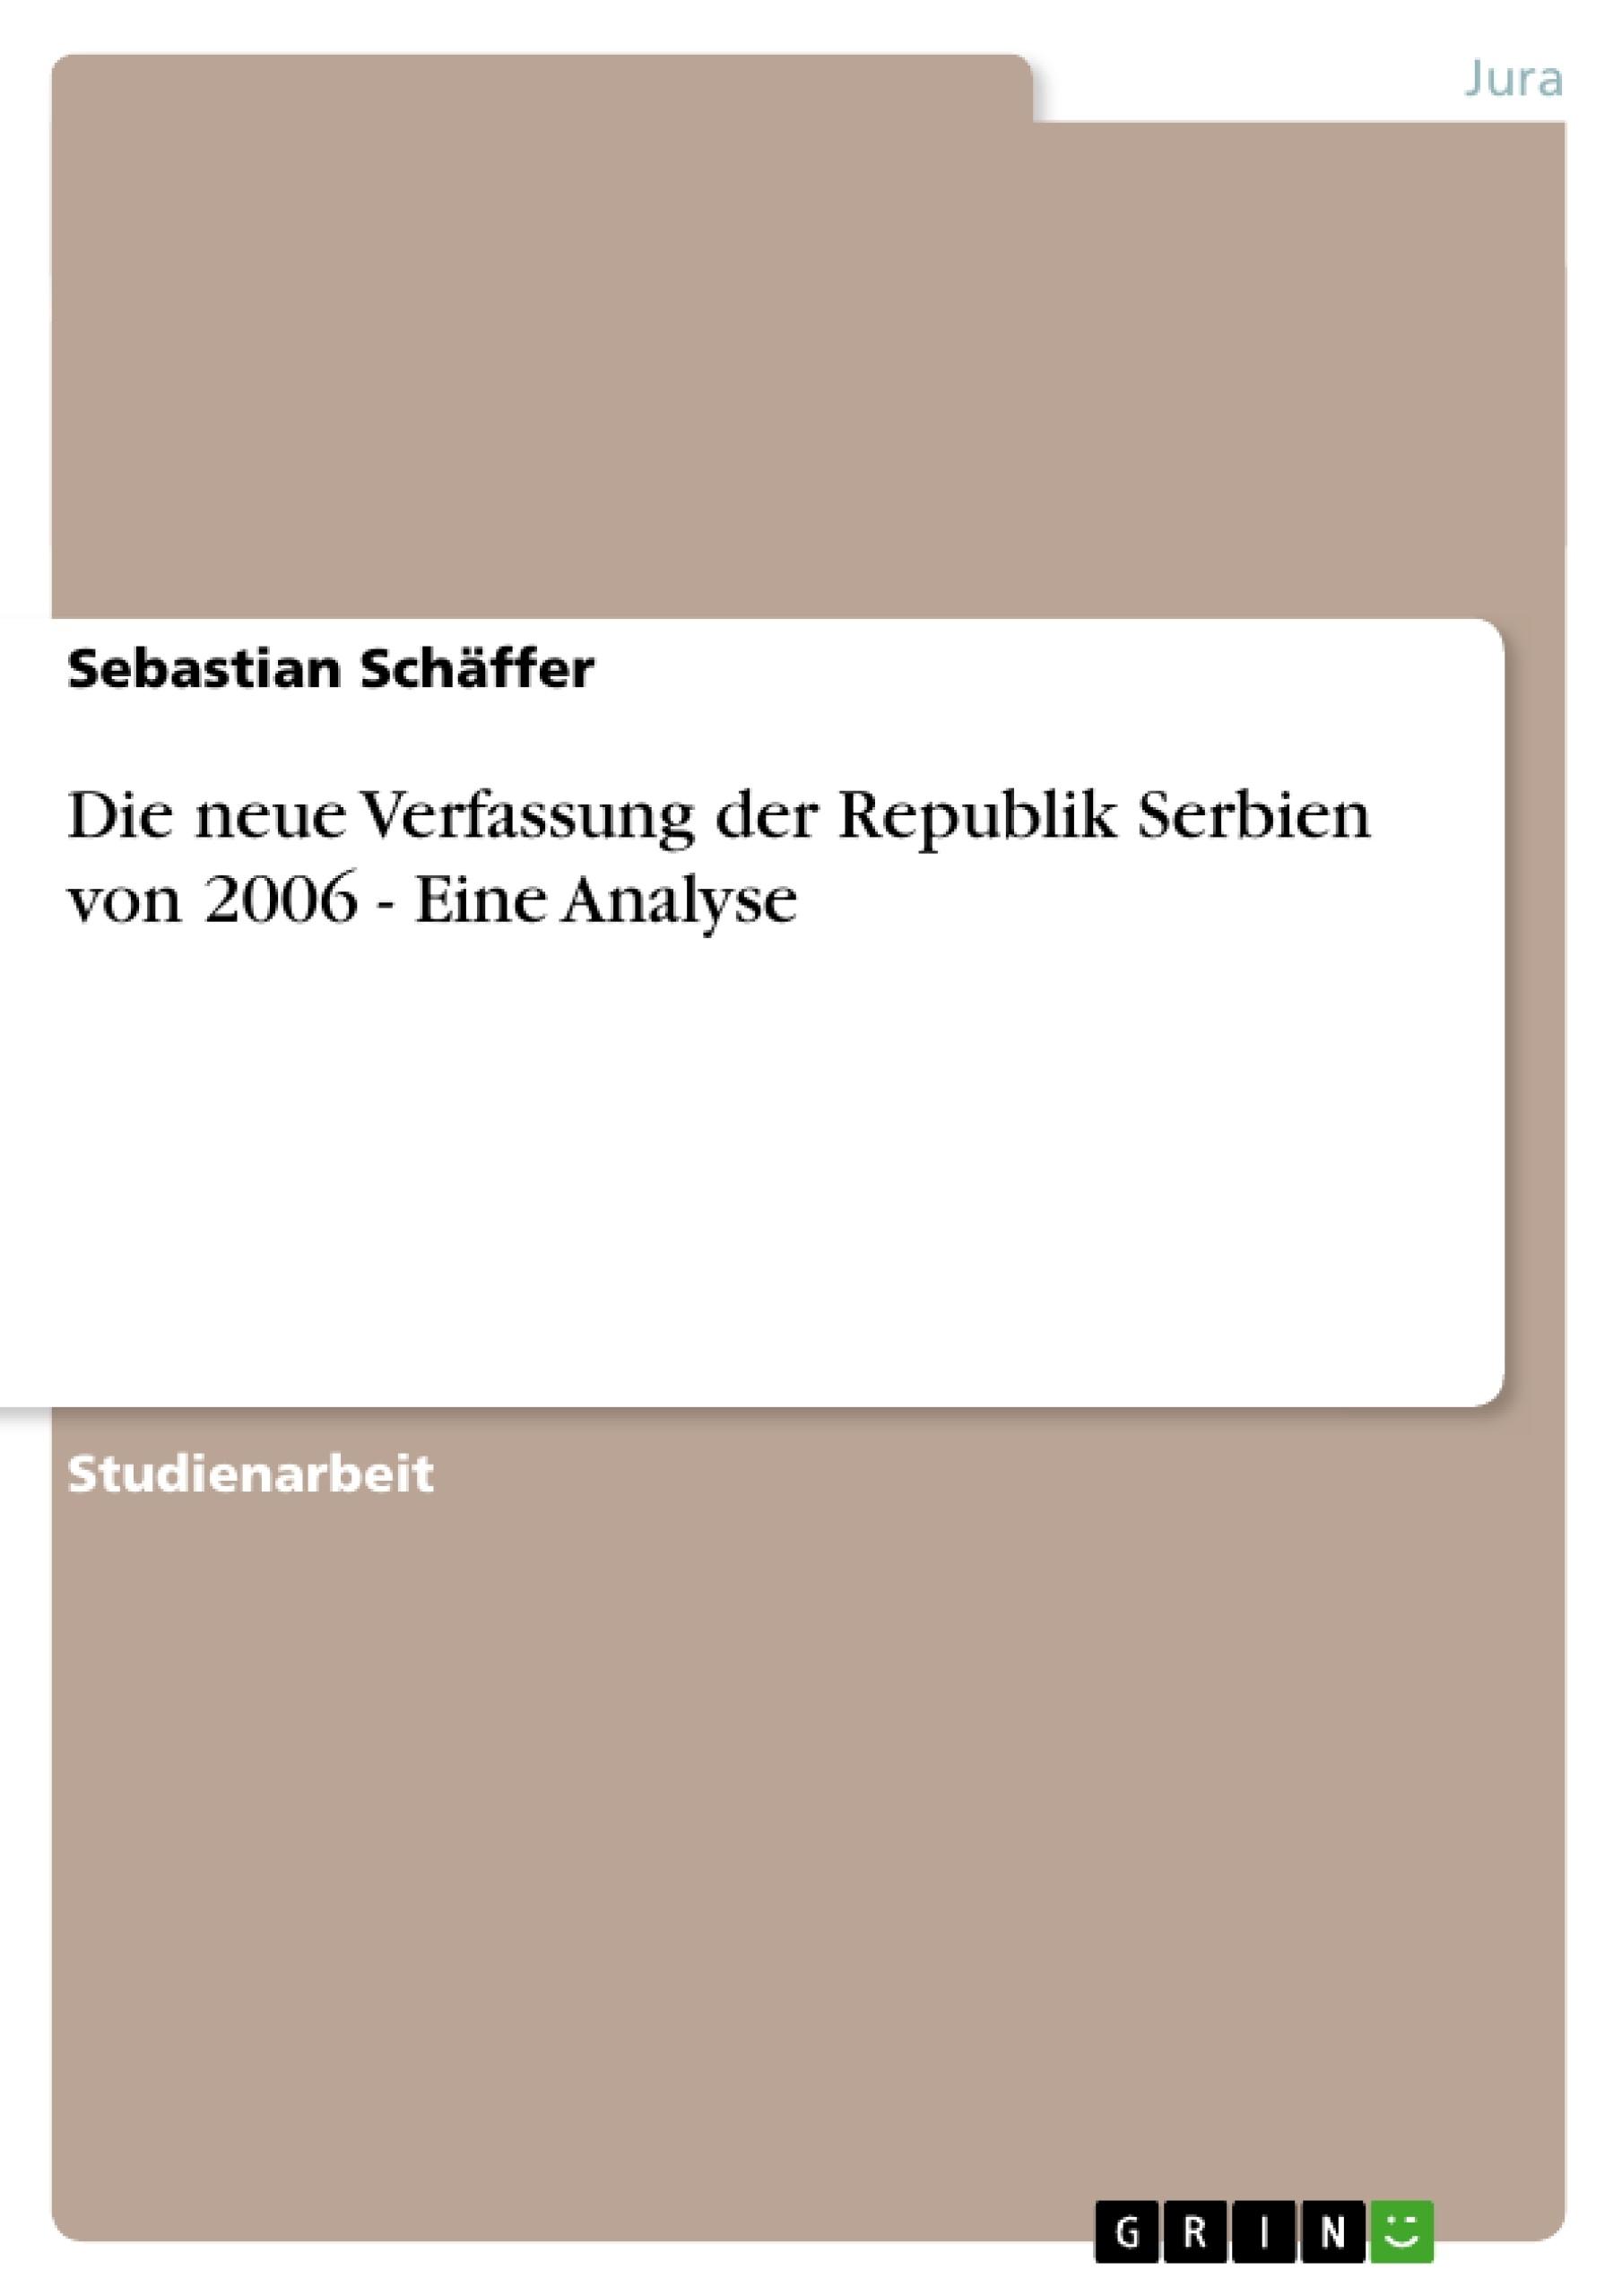 Titel: Die neue Verfassung der Republik Serbien von 2006 - Eine Analyse